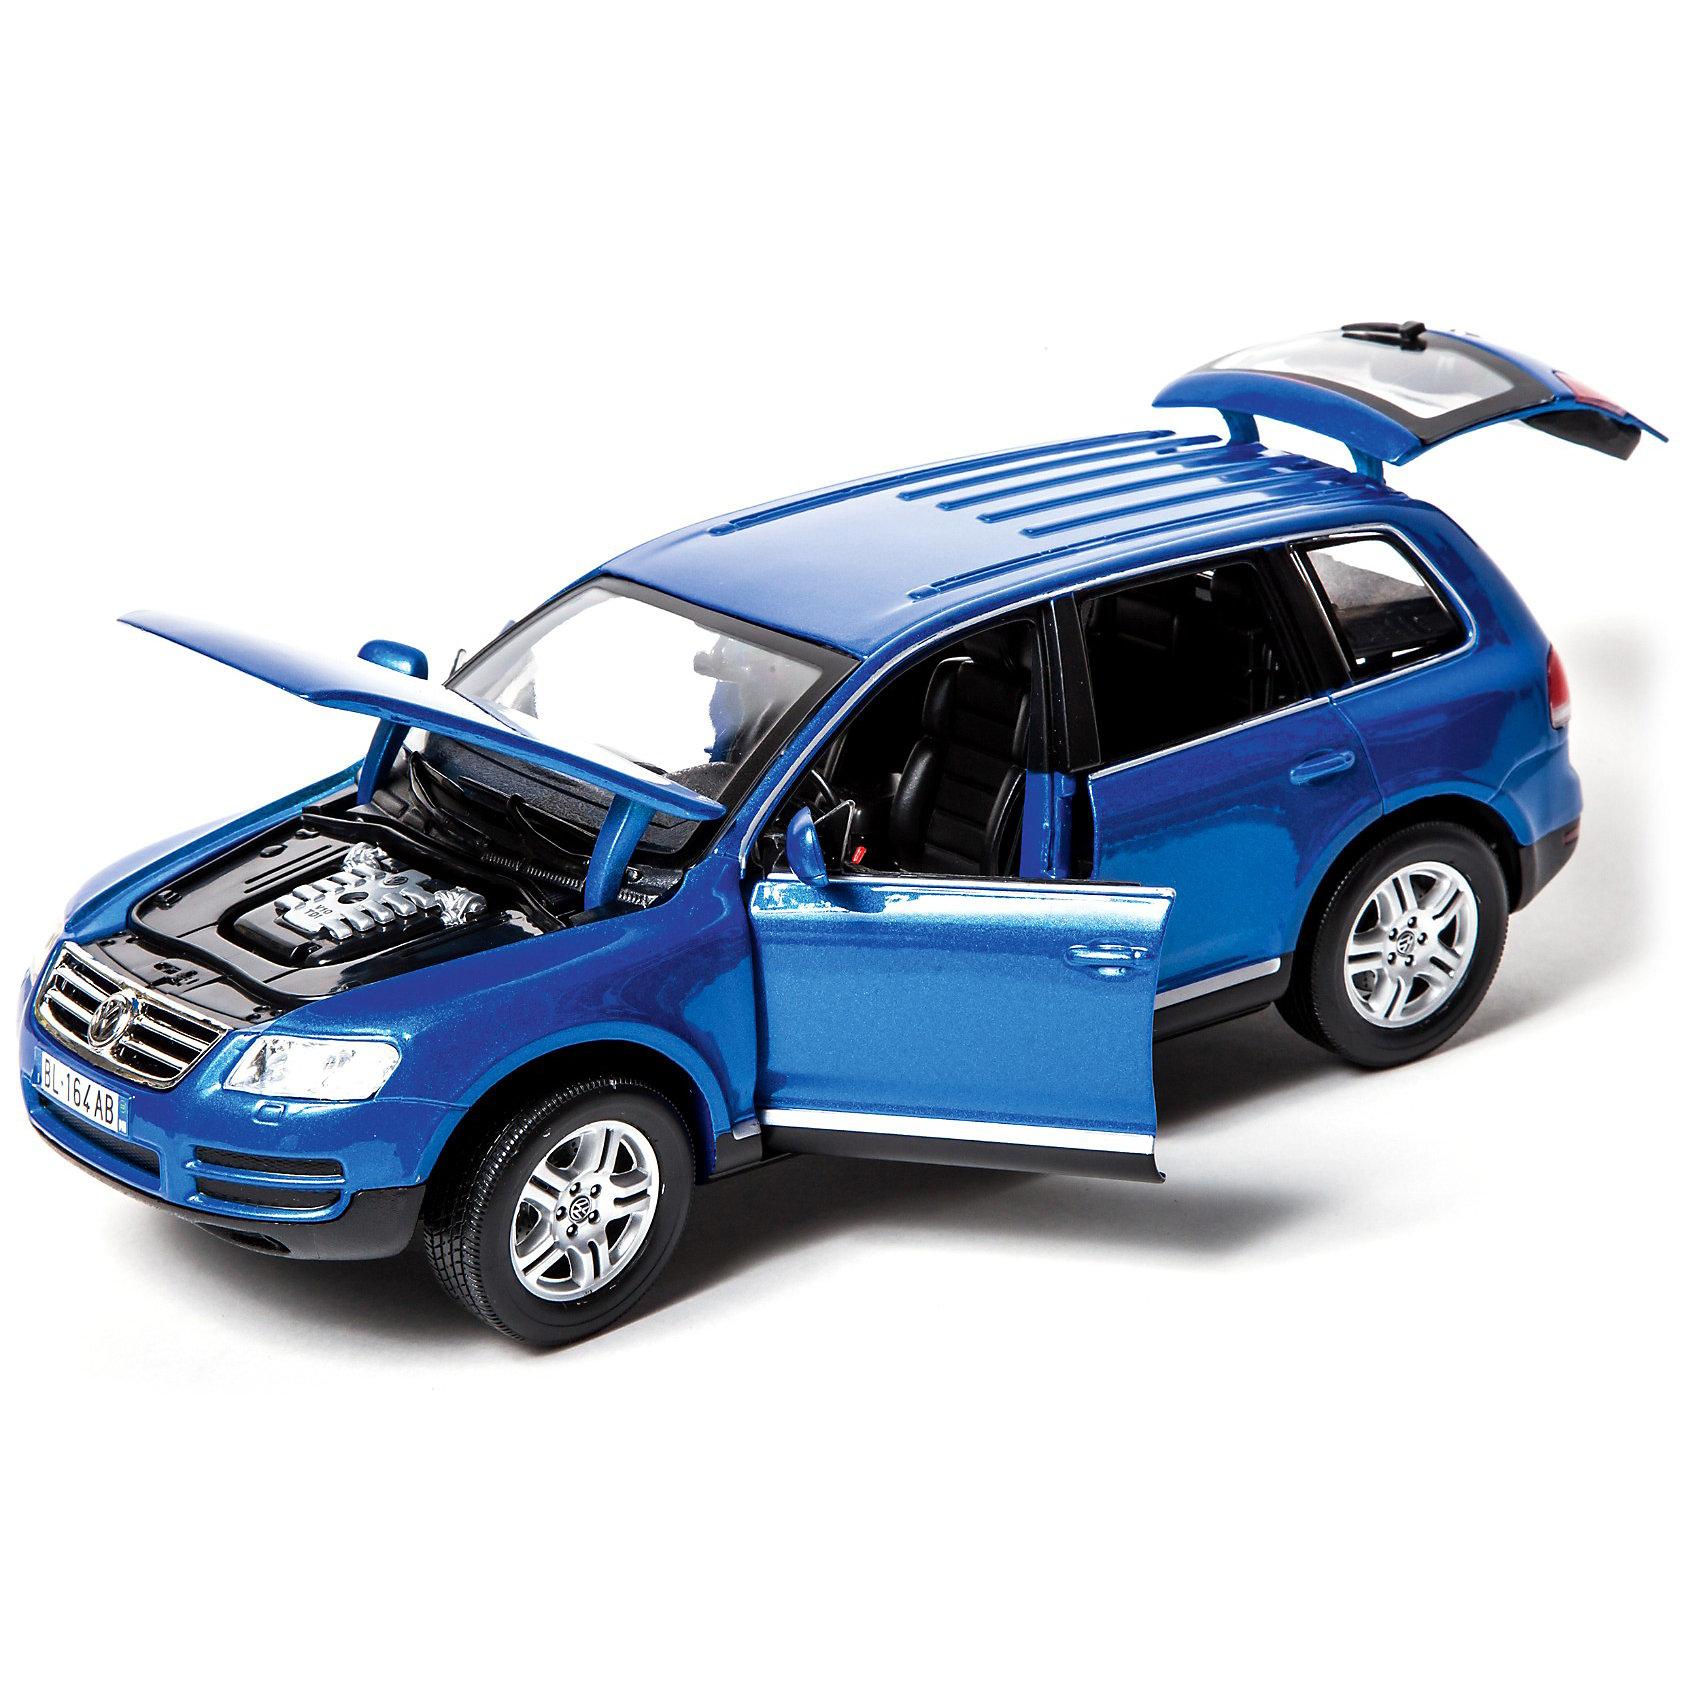 Машина Volkswagen Touareg металл., 1:18, BburagoМашина Volkswagen Touareg металлическая, 1:18, Bburago (Бураго)<br>Компания Bburago – мировой лидер в производстве коллекционных  моделей автомобилей.  <br>Более 30 лет профессиональные дизайнеры Bburago разрабатывают точные копии современных машин и ретро машин известных марок.  <br><br>Мировой дебют Touareg состоялся на автосалоне в Париже 26 сентября 2002 года.<br>Название автомобиля словно переносит нас в средние века, когда туарегами называли «рыцарей пустыни», племена кочевников, живущих в Сахаре.<br>Сегодня Touareg –  внедорожник представительского класса.<br>Он стал олицетворением принципиально новой концепции Volkswagen, соединив в себе качества отличного внедорожника с комфортом седана и динамикой спортивного автомобиля.<br><br>Функциональность игрушки:<br>-  модель автомобиля  создана в масштабе 1:18<br>-  у автомобиля крутится руль, открываются двери и капот<br>-  цвет автомобиля: синий металлик, красный металлик<br><br>Играя с маленьким автомобилем, ребенок развивает координацию движений, воображение, мелкую моторику.  <br><br>С автомобилями Bburago можно не только играть, но и сделать их частью своей коллекции!<br><br>Дополнительная информация:<br><br>- Материал: Металл<br>- Размеры упаковки: 29,6 х 20 х 12 см<br>- Вес: 1,075 кг.<br><br>ВНИМАНИЕ! Данный артикул имеется в наличии в разных цветовых исполнениях(синий металлик, красный металлик). К сожалению, заранее выбрать определенный цвет невозможно. <br><br>Игрушку Машина Volkswagen Touareg металл., 1:18, Bburago можно купить в нашем интернет-магазине.<br><br>Ширина мм: 183<br>Глубина мм: 302<br>Высота мм: 124<br>Вес г: 1167<br>Возраст от месяцев: 72<br>Возраст до месяцев: 1200<br>Пол: Мужской<br>Возраст: Детский<br>SKU: 1784035